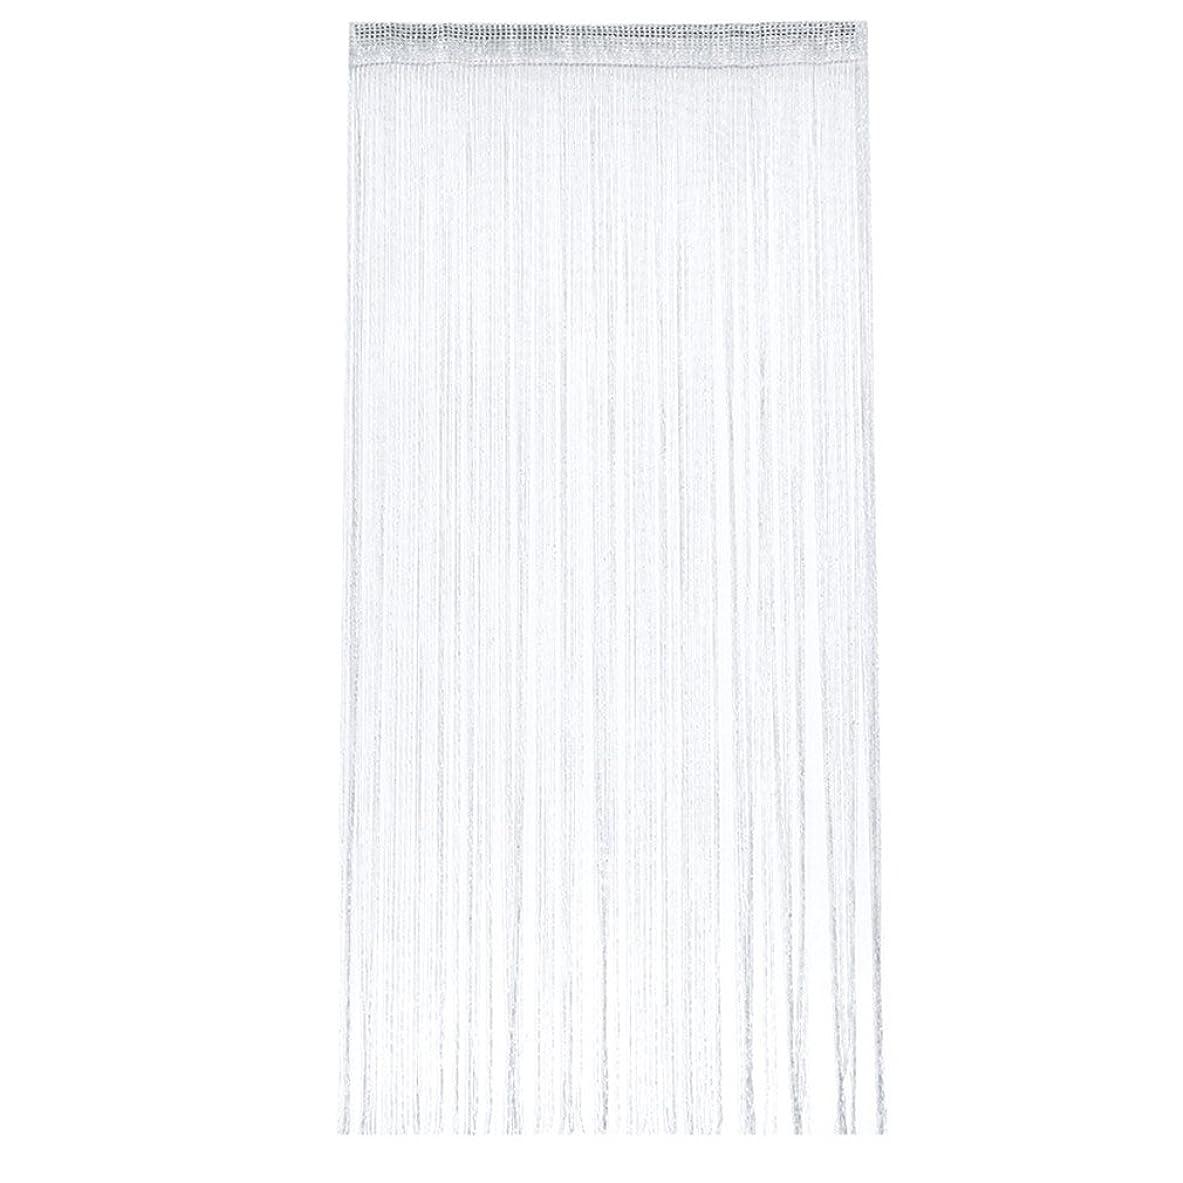 目指す鋼それKLUMA キラキラ光る 紐のれん ストリングカーテン ひものれん 目隠し 100x200cm  全11色